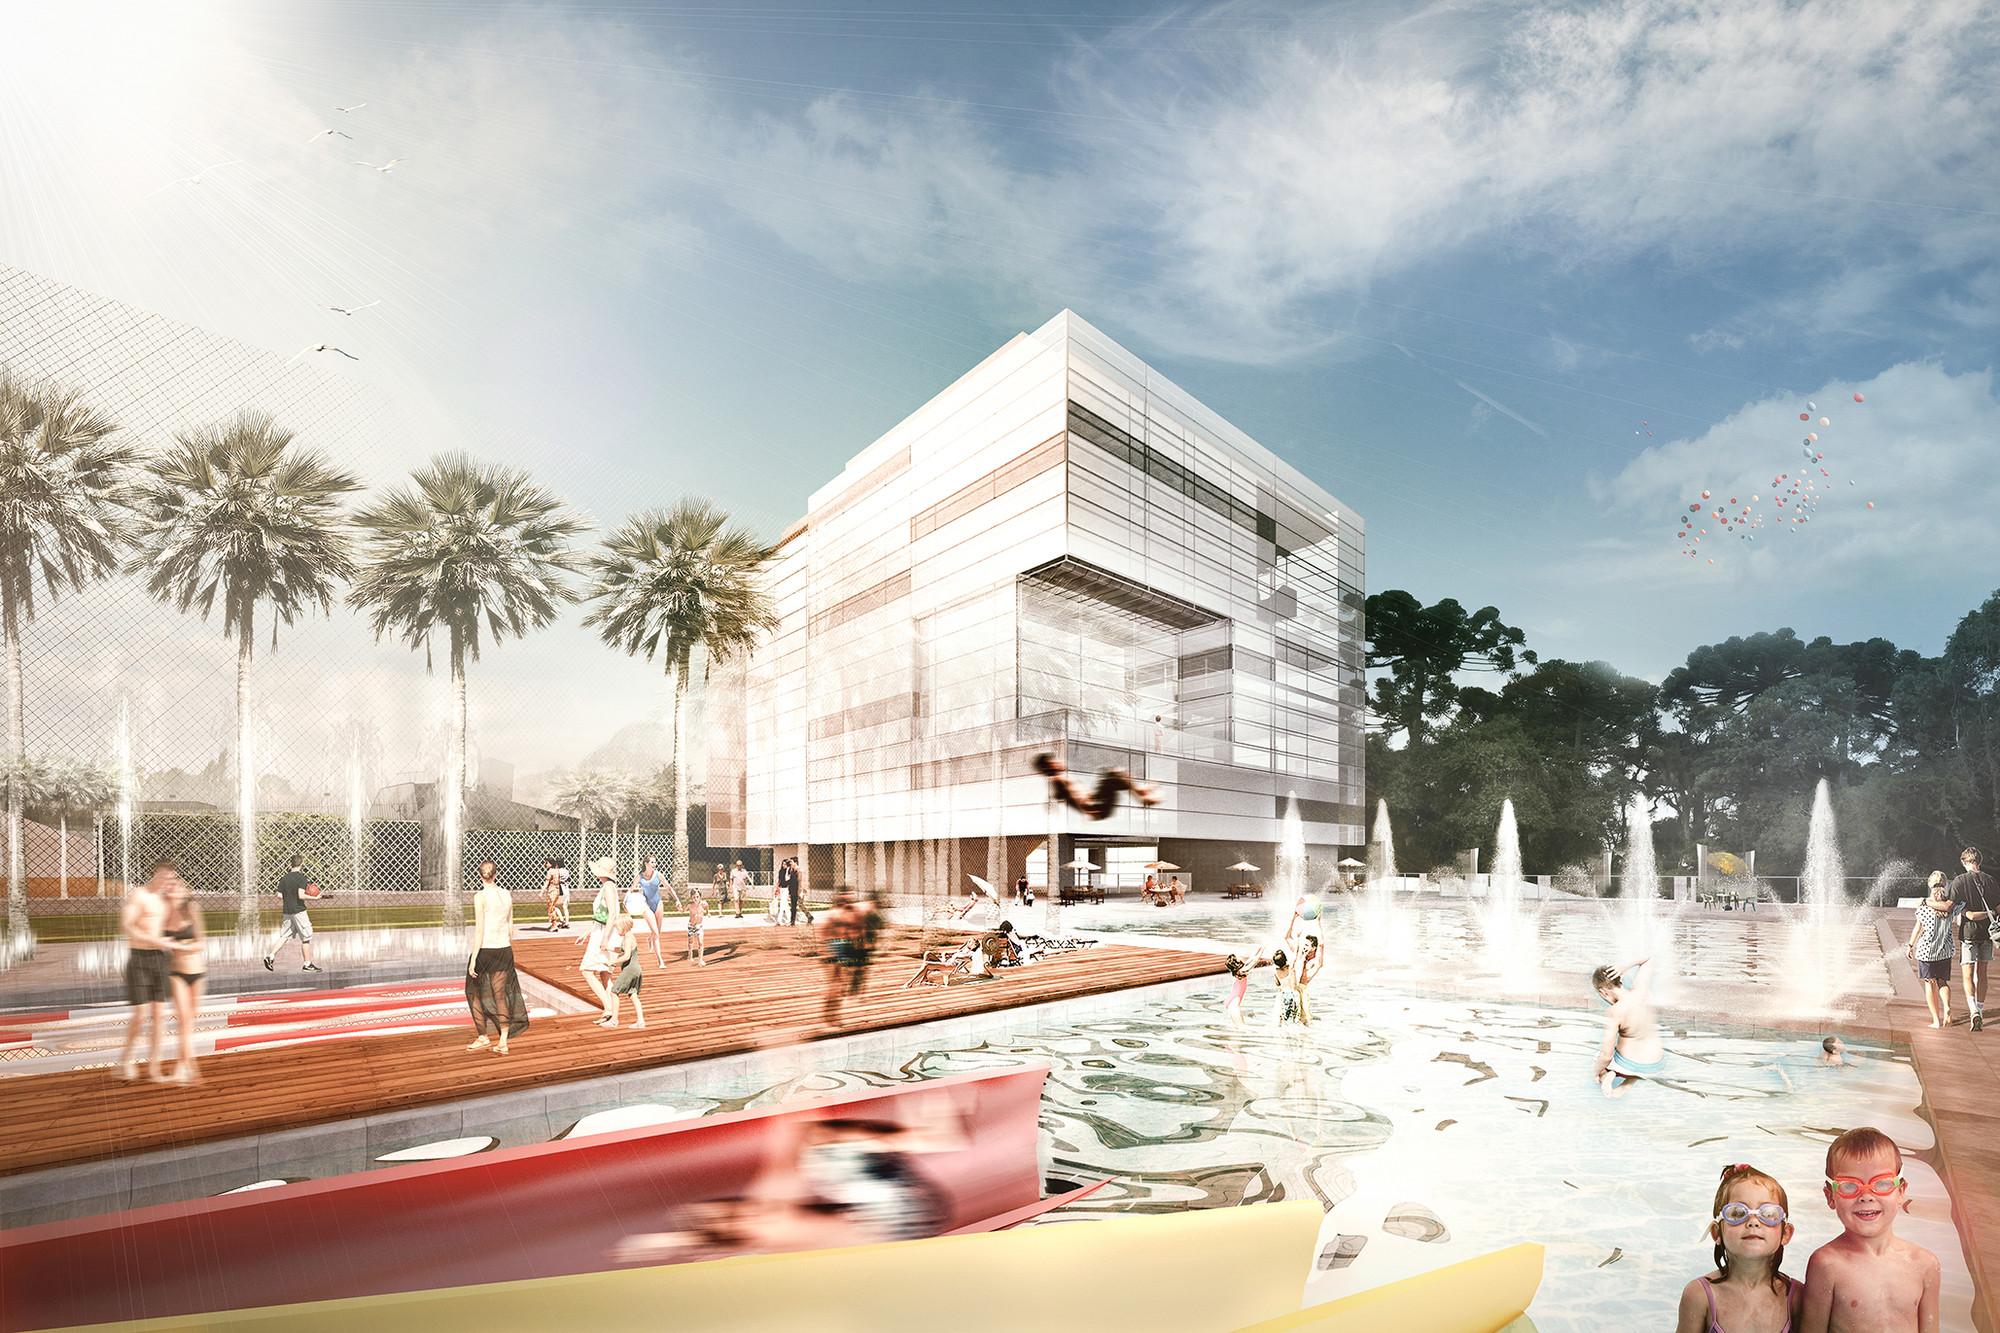 Edifício na primeira fase de construção e clube de piscinas. Image Courtesy of Arqbox